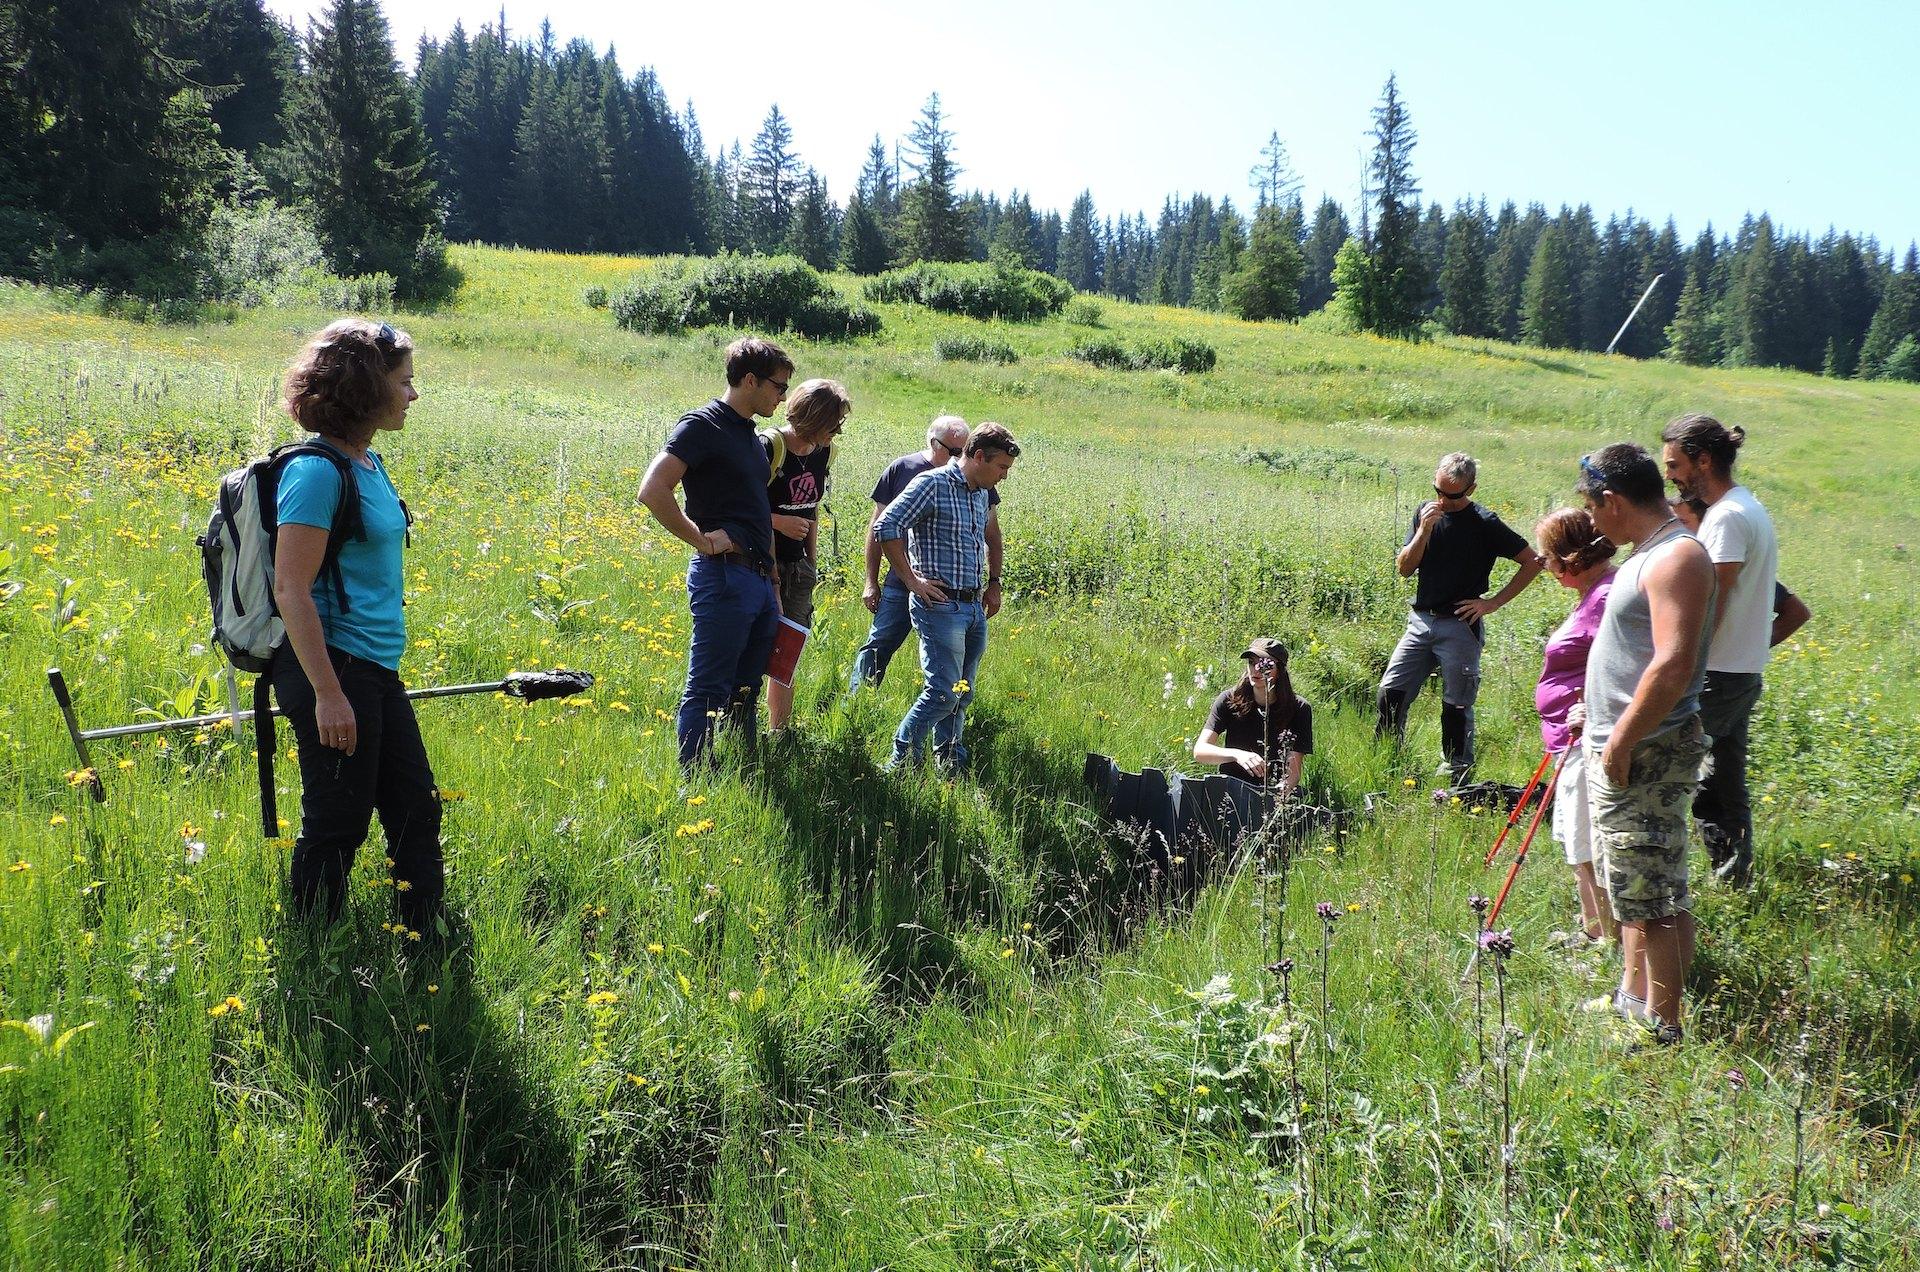 Groupe écoutant une femme donner des explications sur l'environnement en été